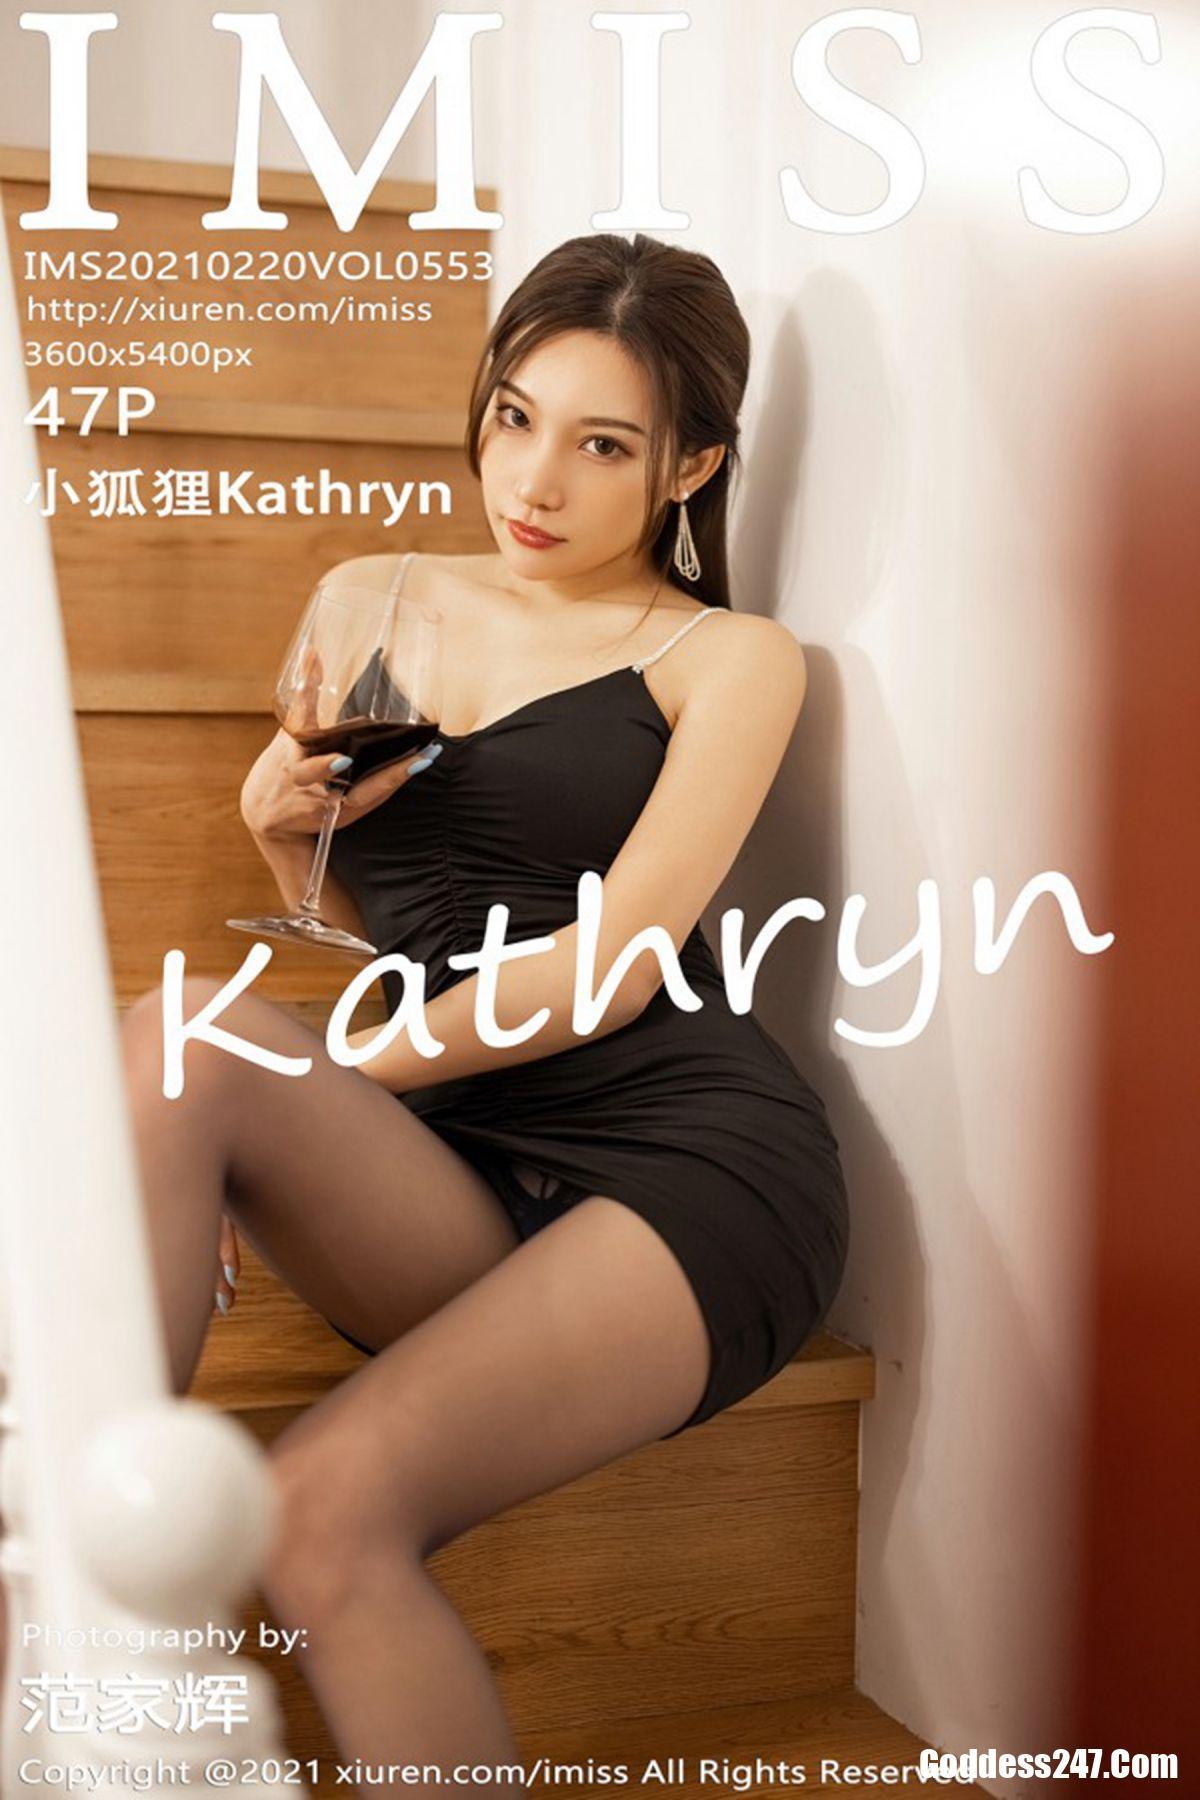 IMiss爱蜜社 Vol.553 小狐狸Kathryn